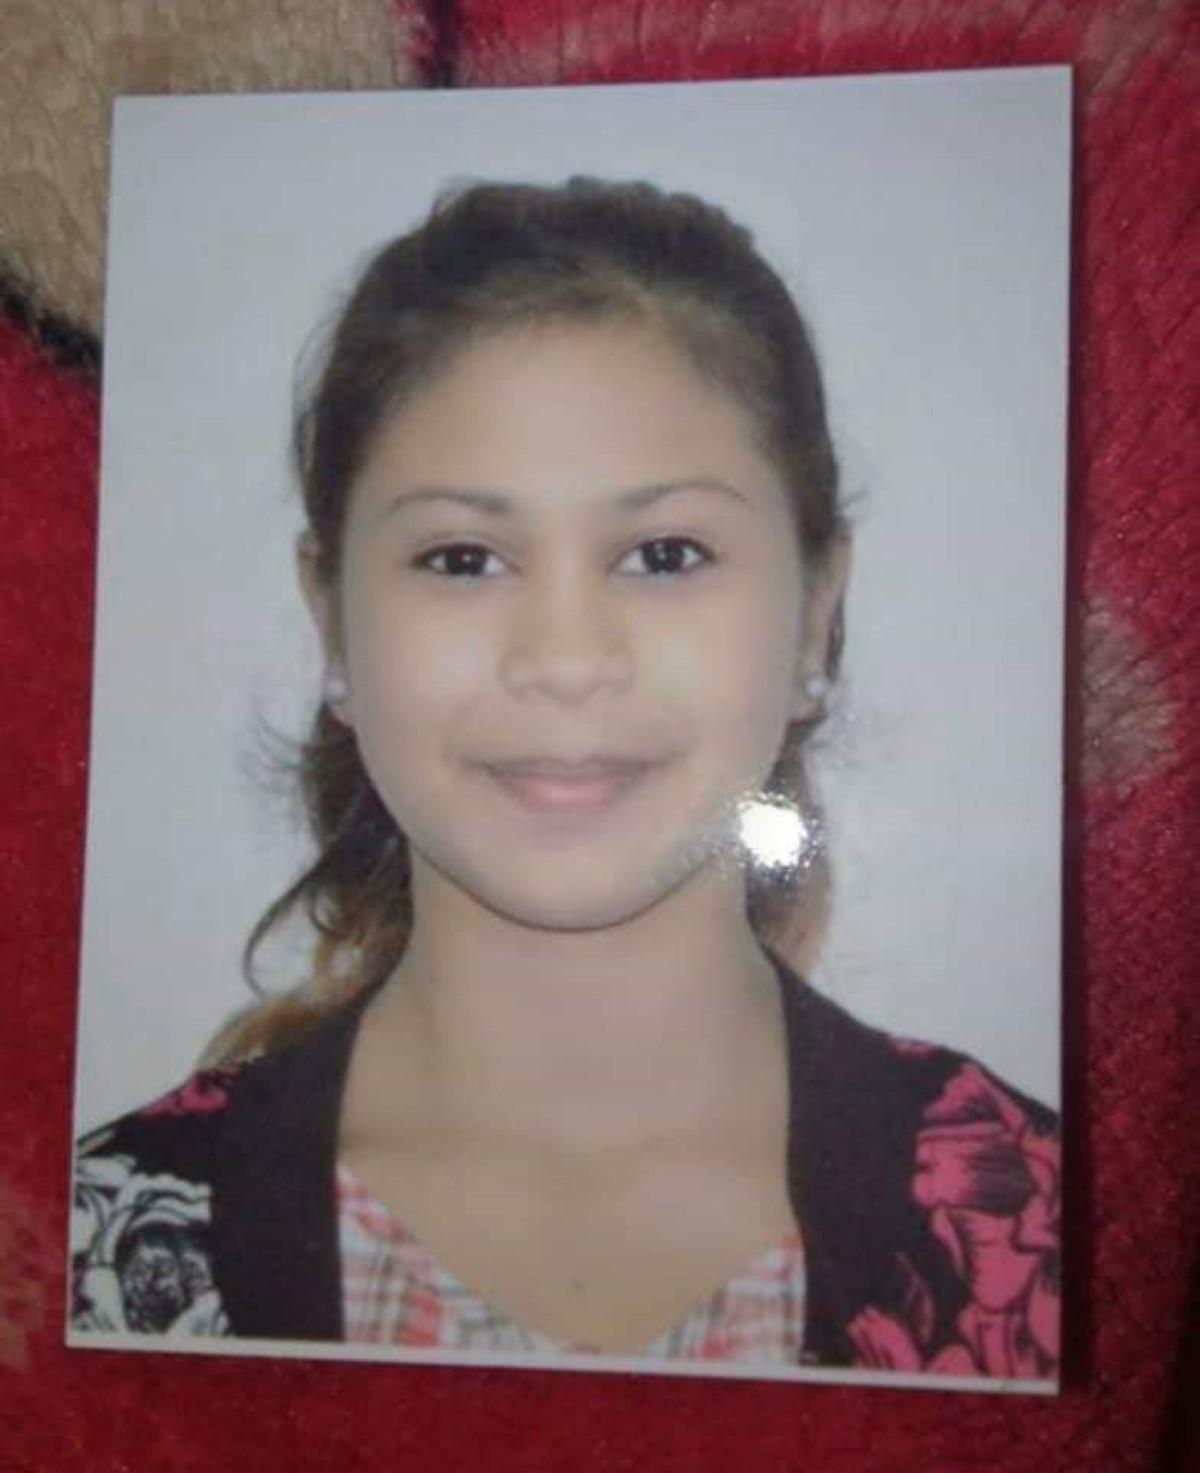 Disparition inquiétante d'une jeune fille de 11 ans